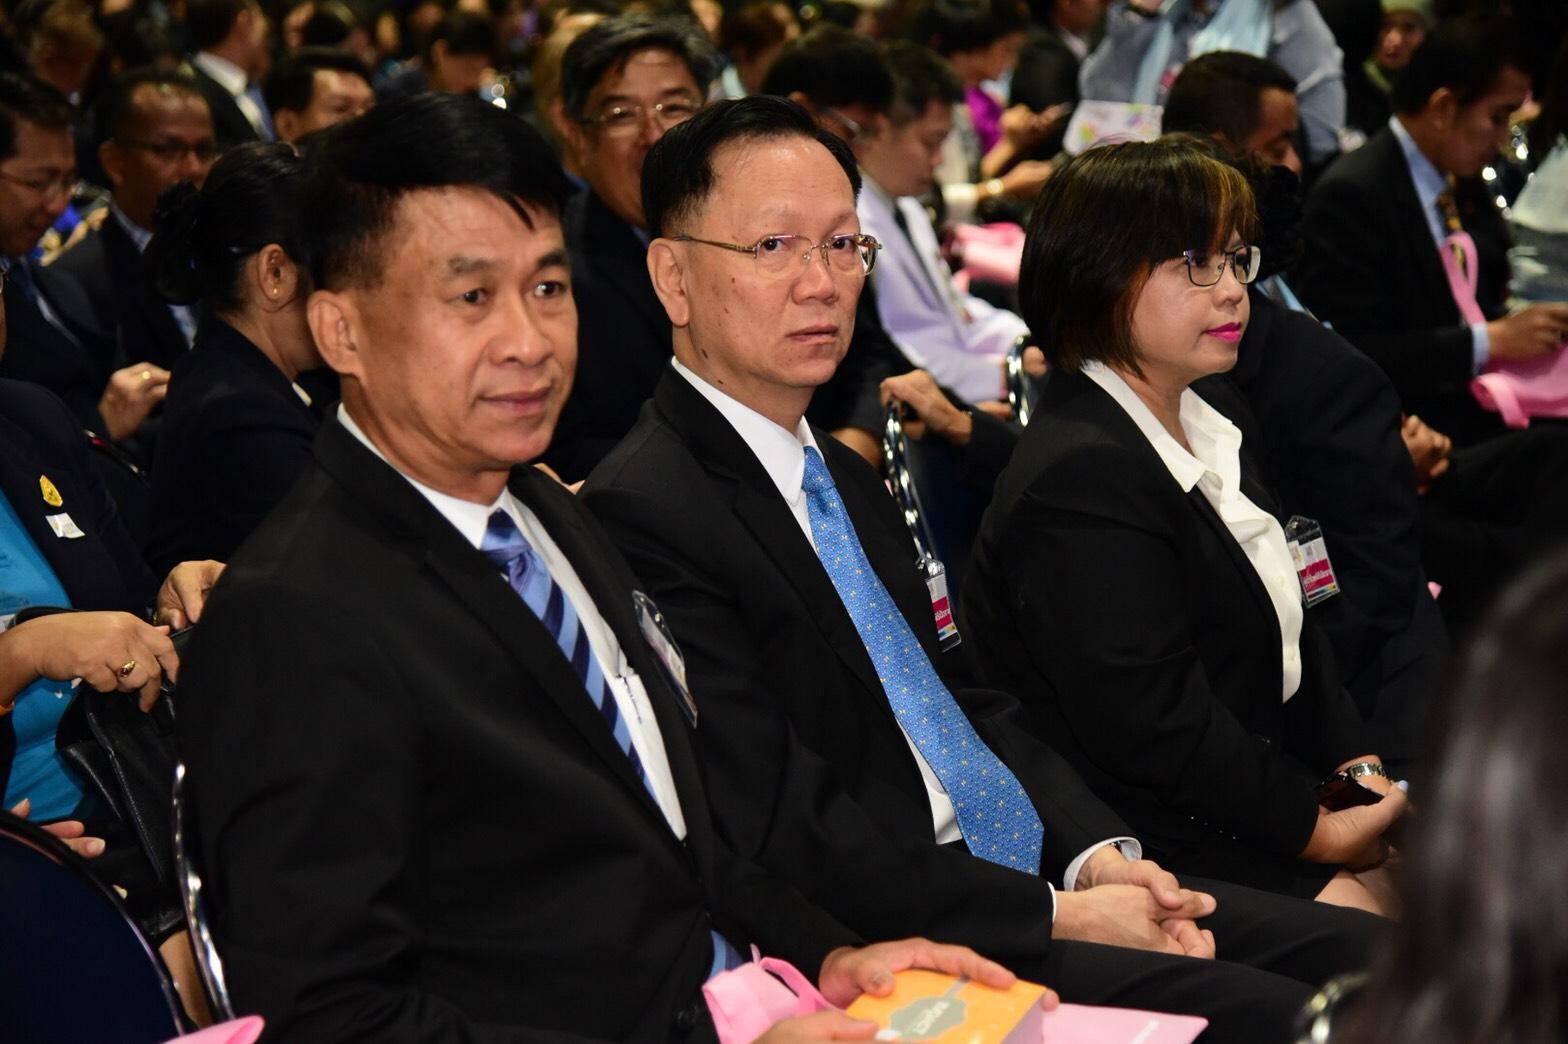 กกจ.ร่วมกิจกรรม Thailand Social Expo 2018 ที่เมืองทองธานี